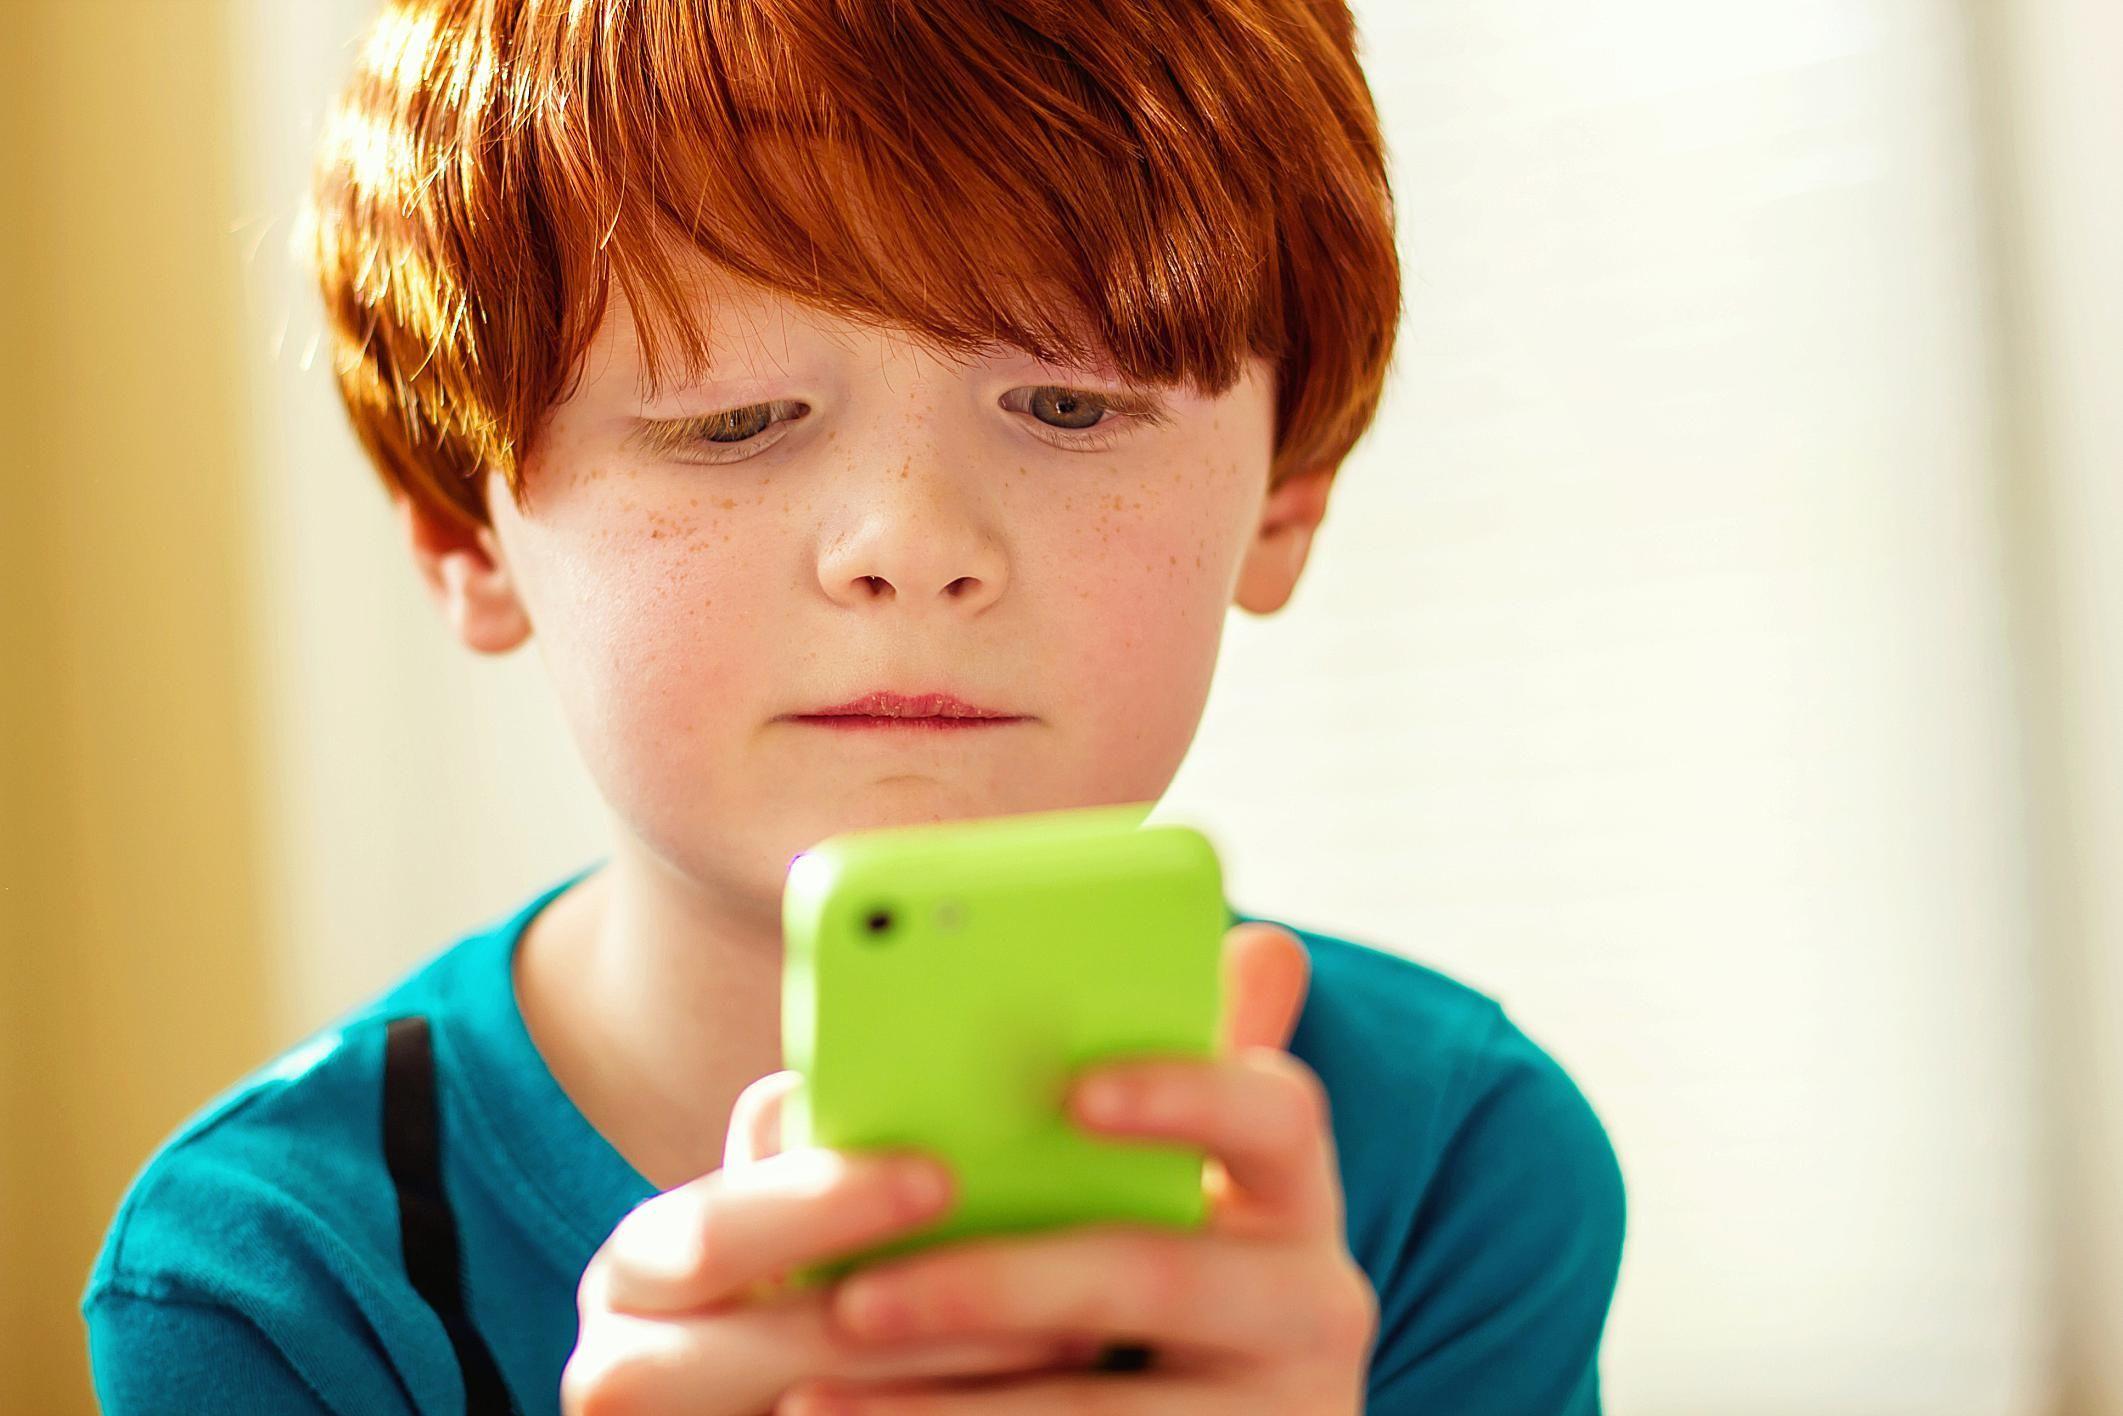 дете, телефон